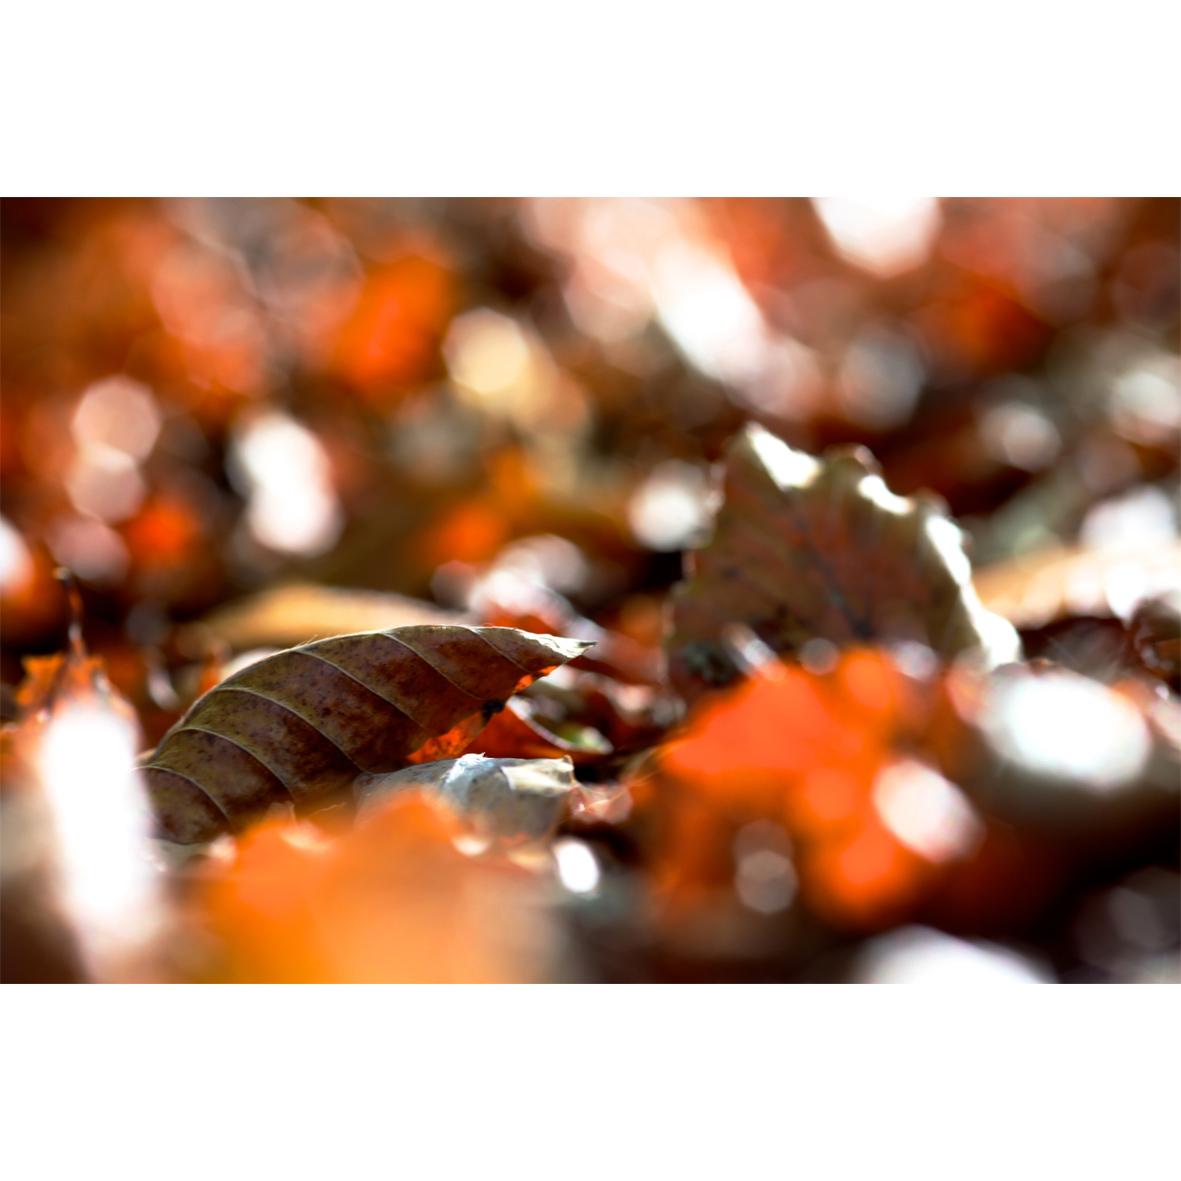 leaf07.jpg